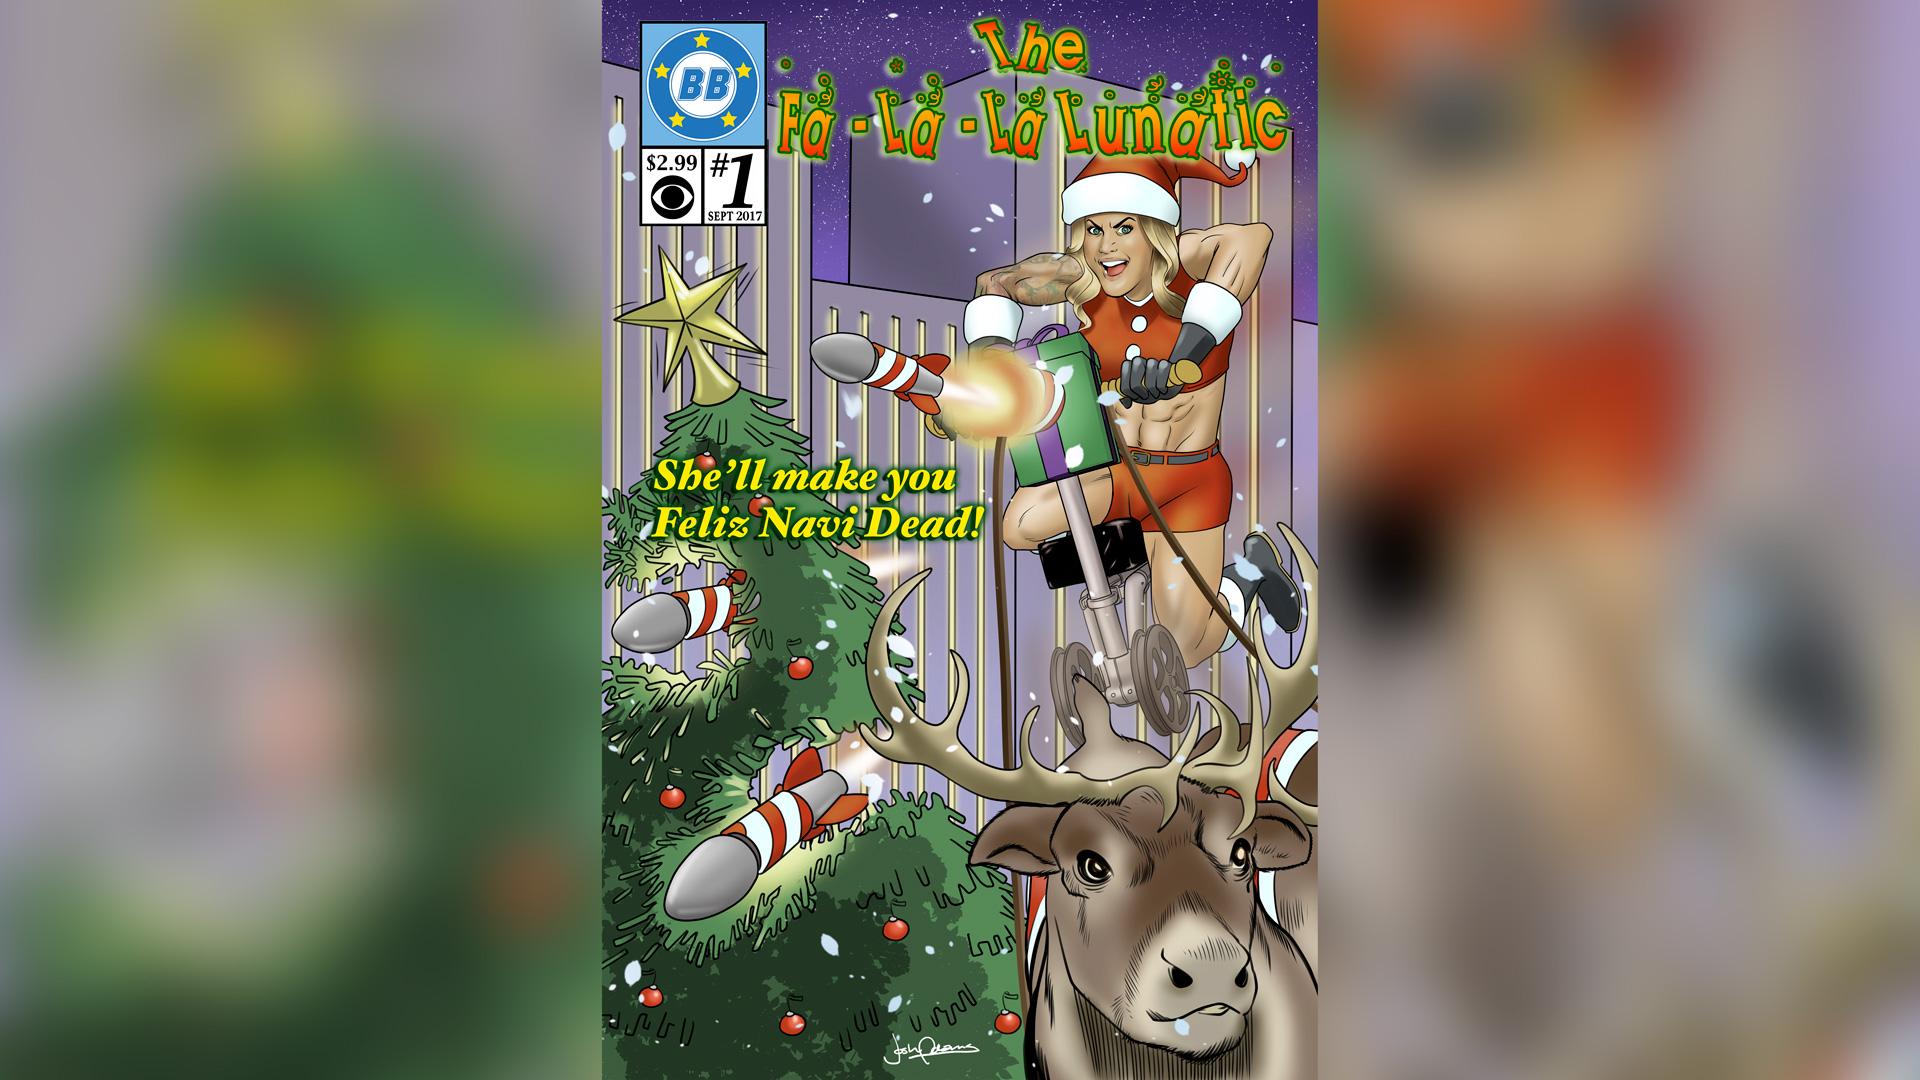 Christmas as